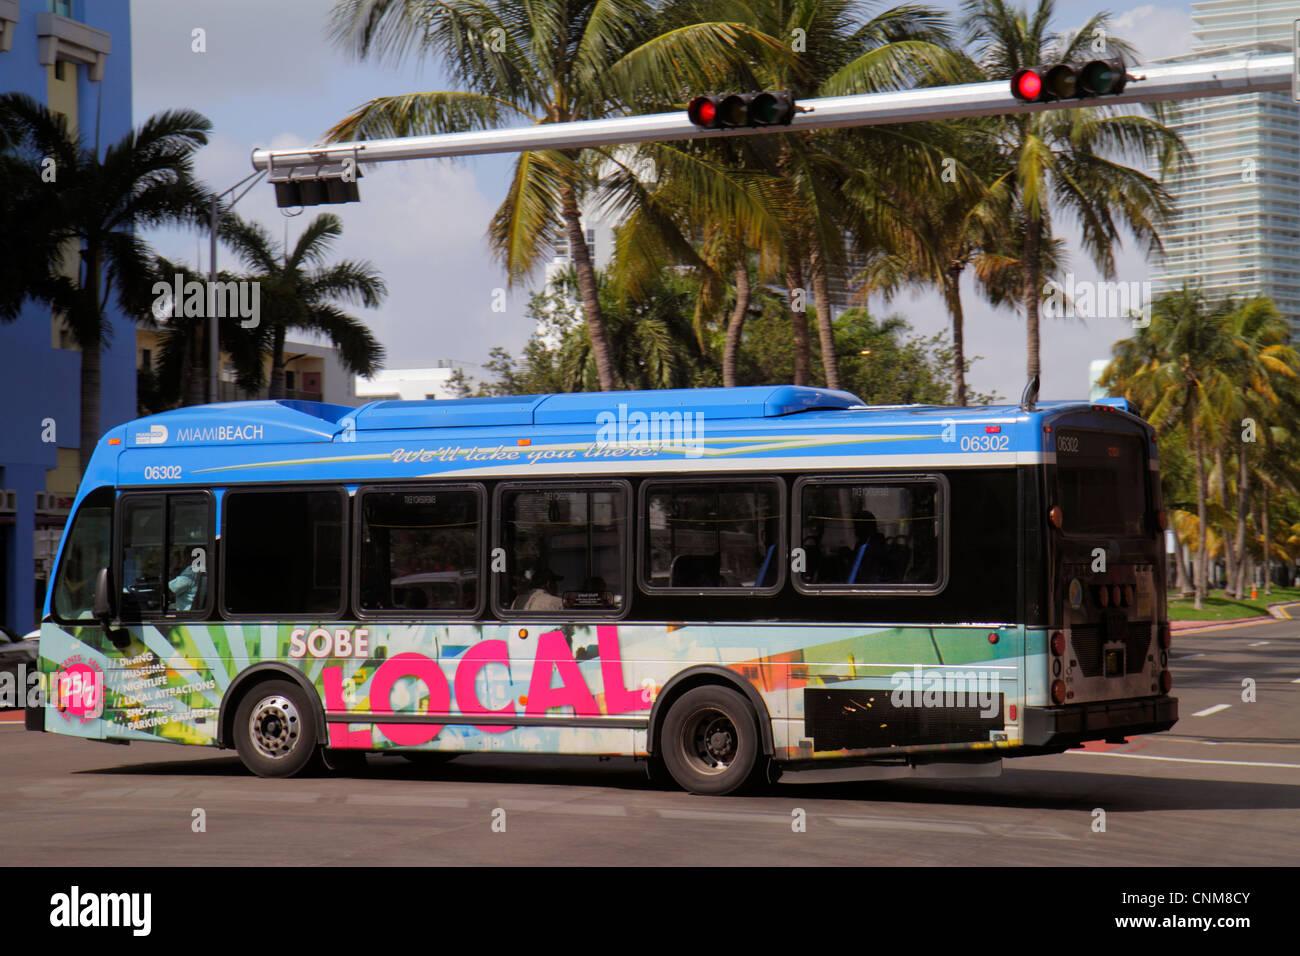 Miami Beach Florida 5th Fifth Street Miami-Dade Transit